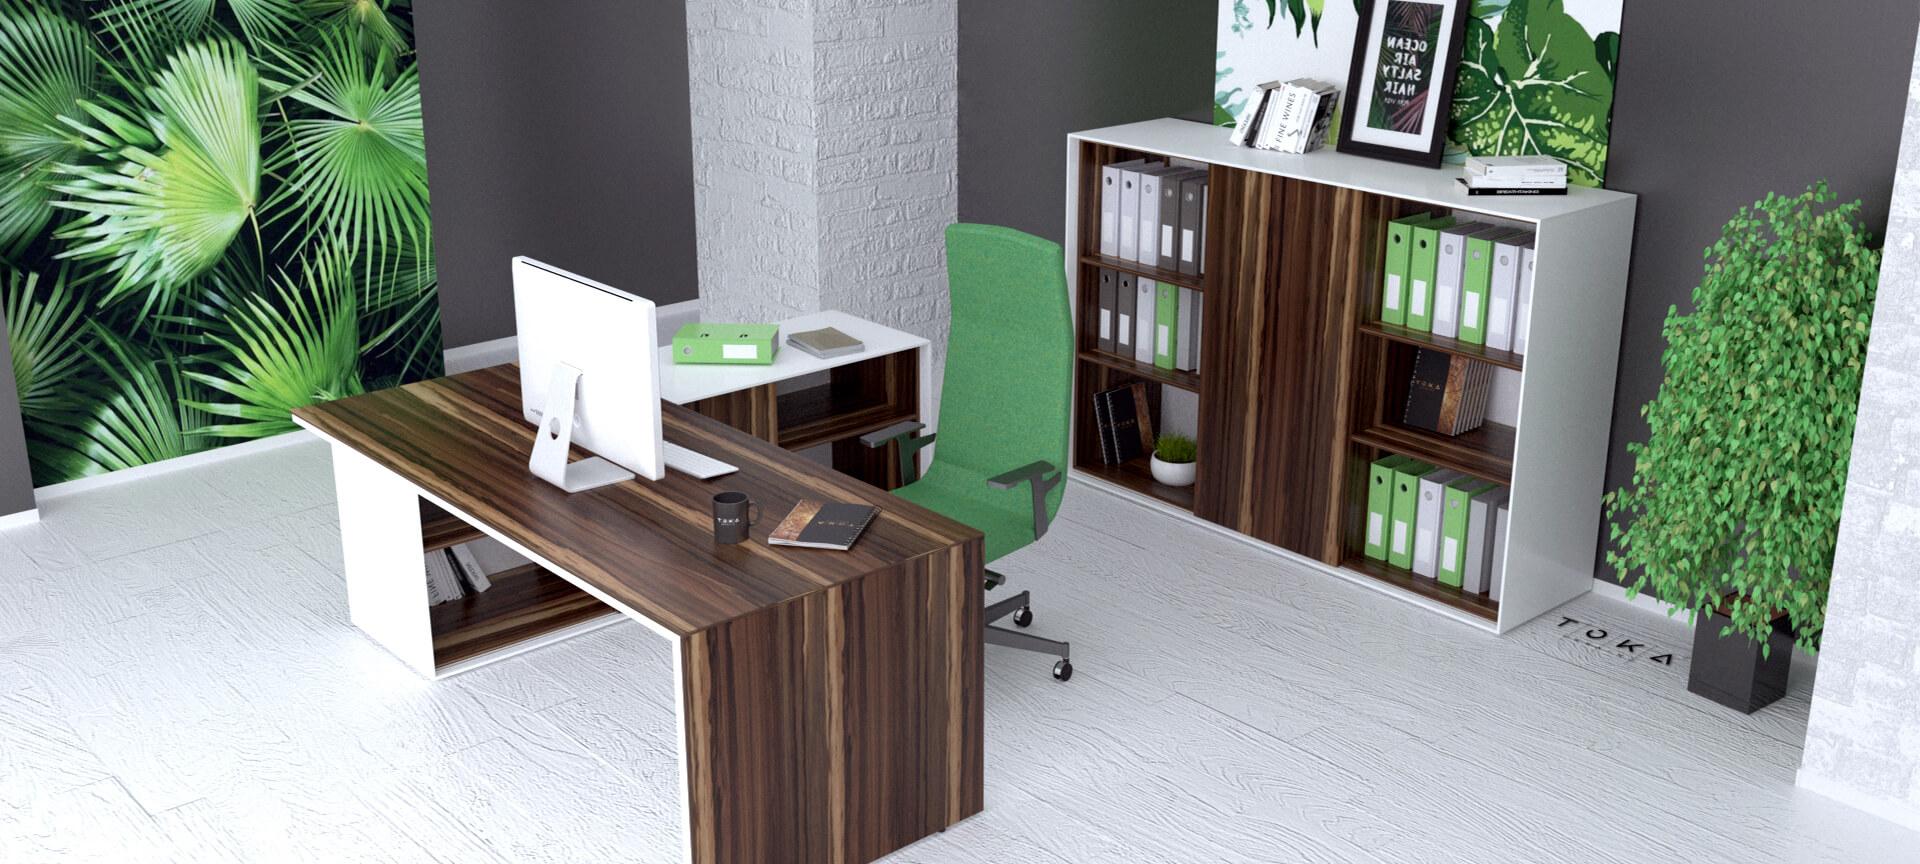 Выираем мебель в кабинет руководителя